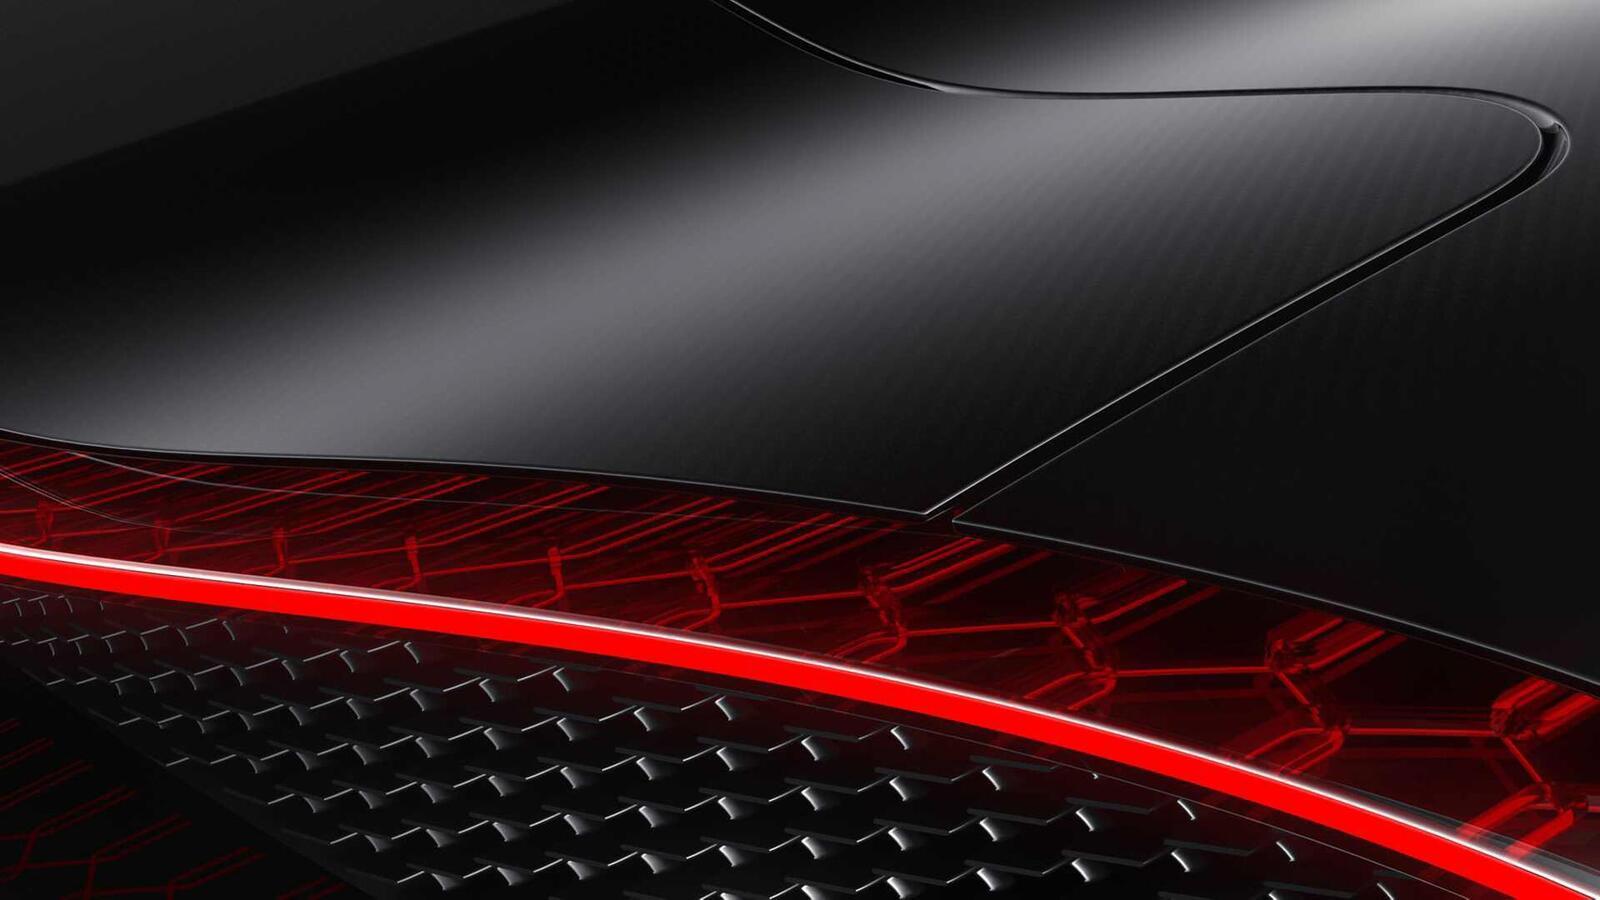 [GMS2019] Siêu phẩm Bugatti La Voatio Noire ra mắt: Chỉ một chiếc được sản xuất; giá hơn 259 tỷ đồng - Hình 20